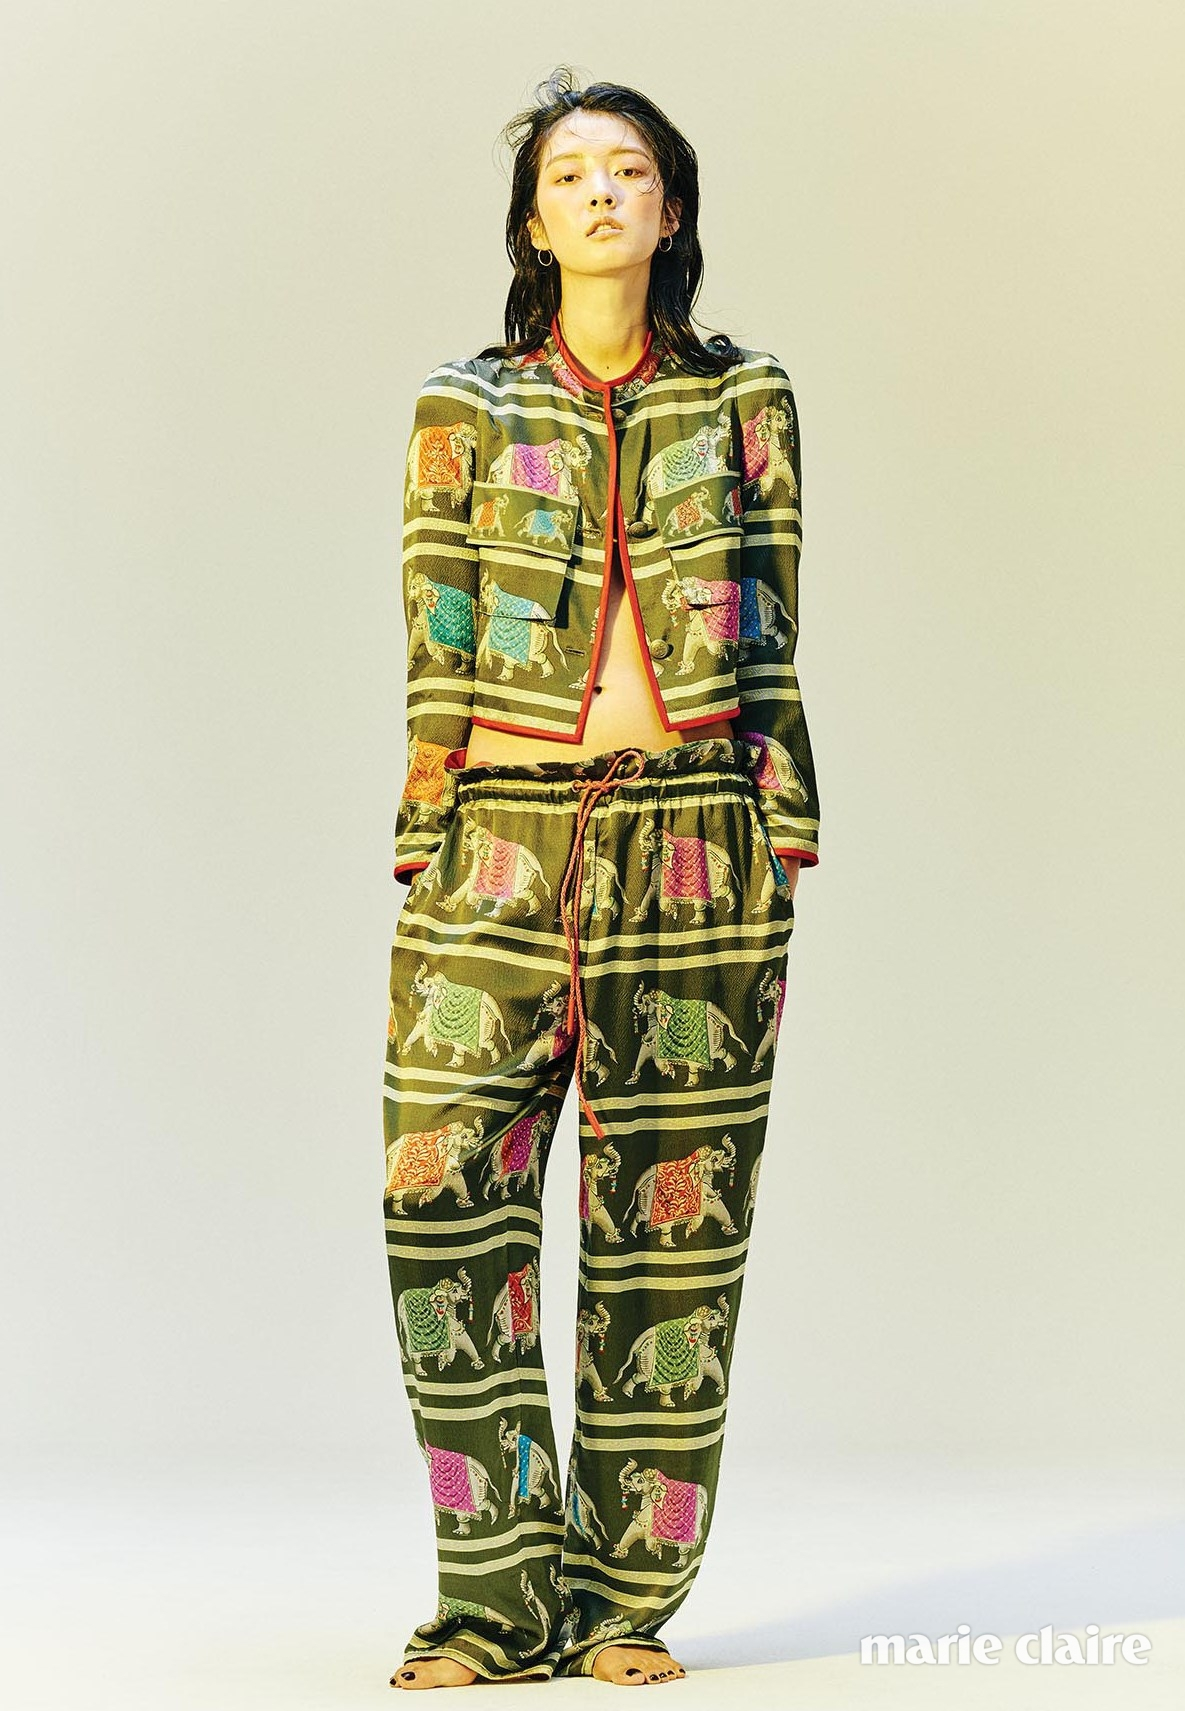 이국적인 프린트가 돋보이는 실크 와이드 재킷과 팬츠 모두 엠포리오 아르마니(Emporio Armani)